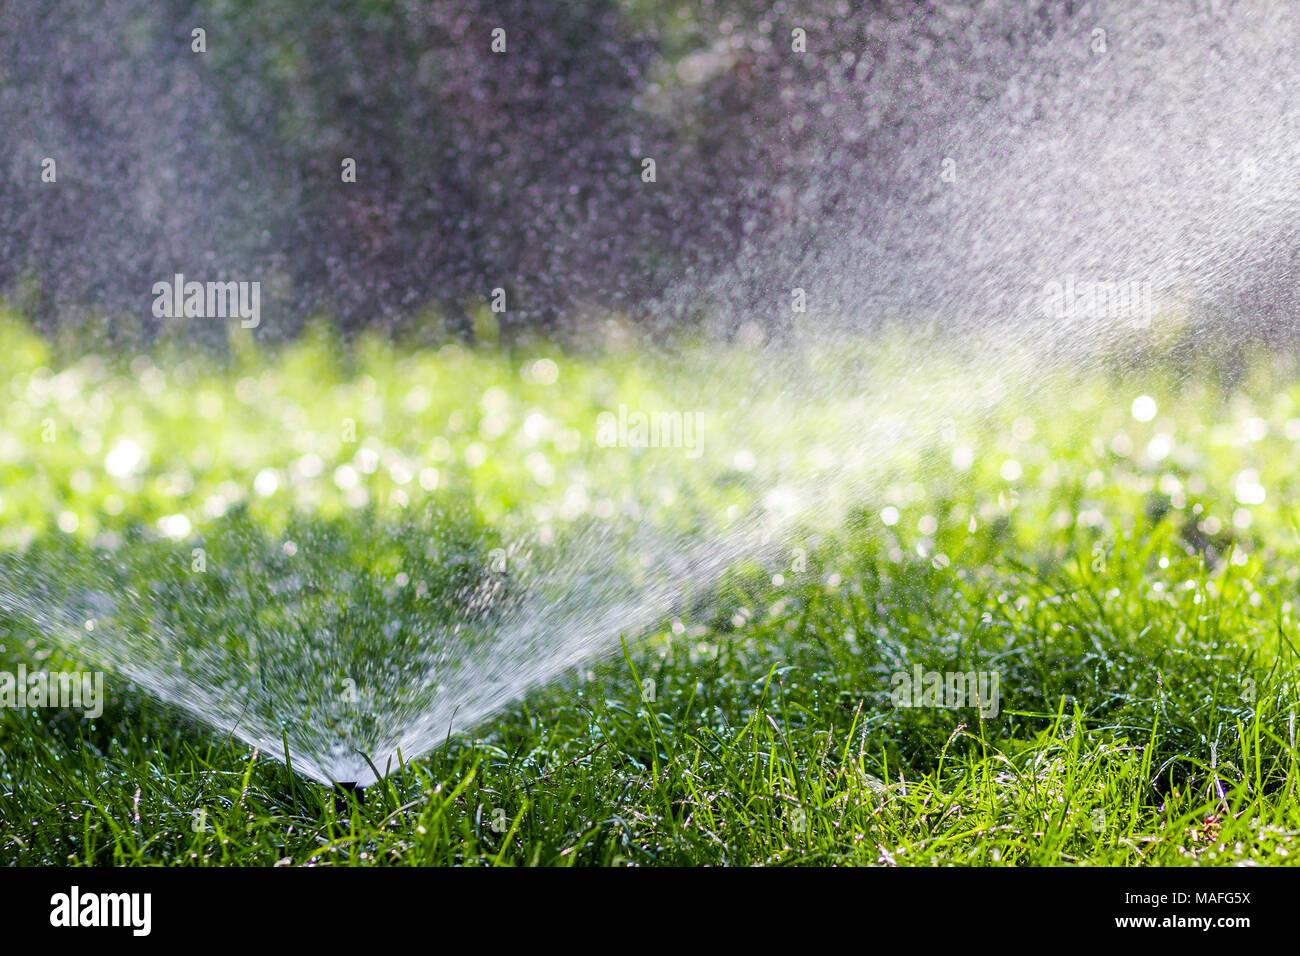 Lawn Sprinkler Acqua Di Spruzzatura Di Acqua Su Erba In Giardino In Un  Caldo Giorno Du0027estate. Innaffiamento Automatico Prati. Il Giardinaggio E  Concetto Di ...